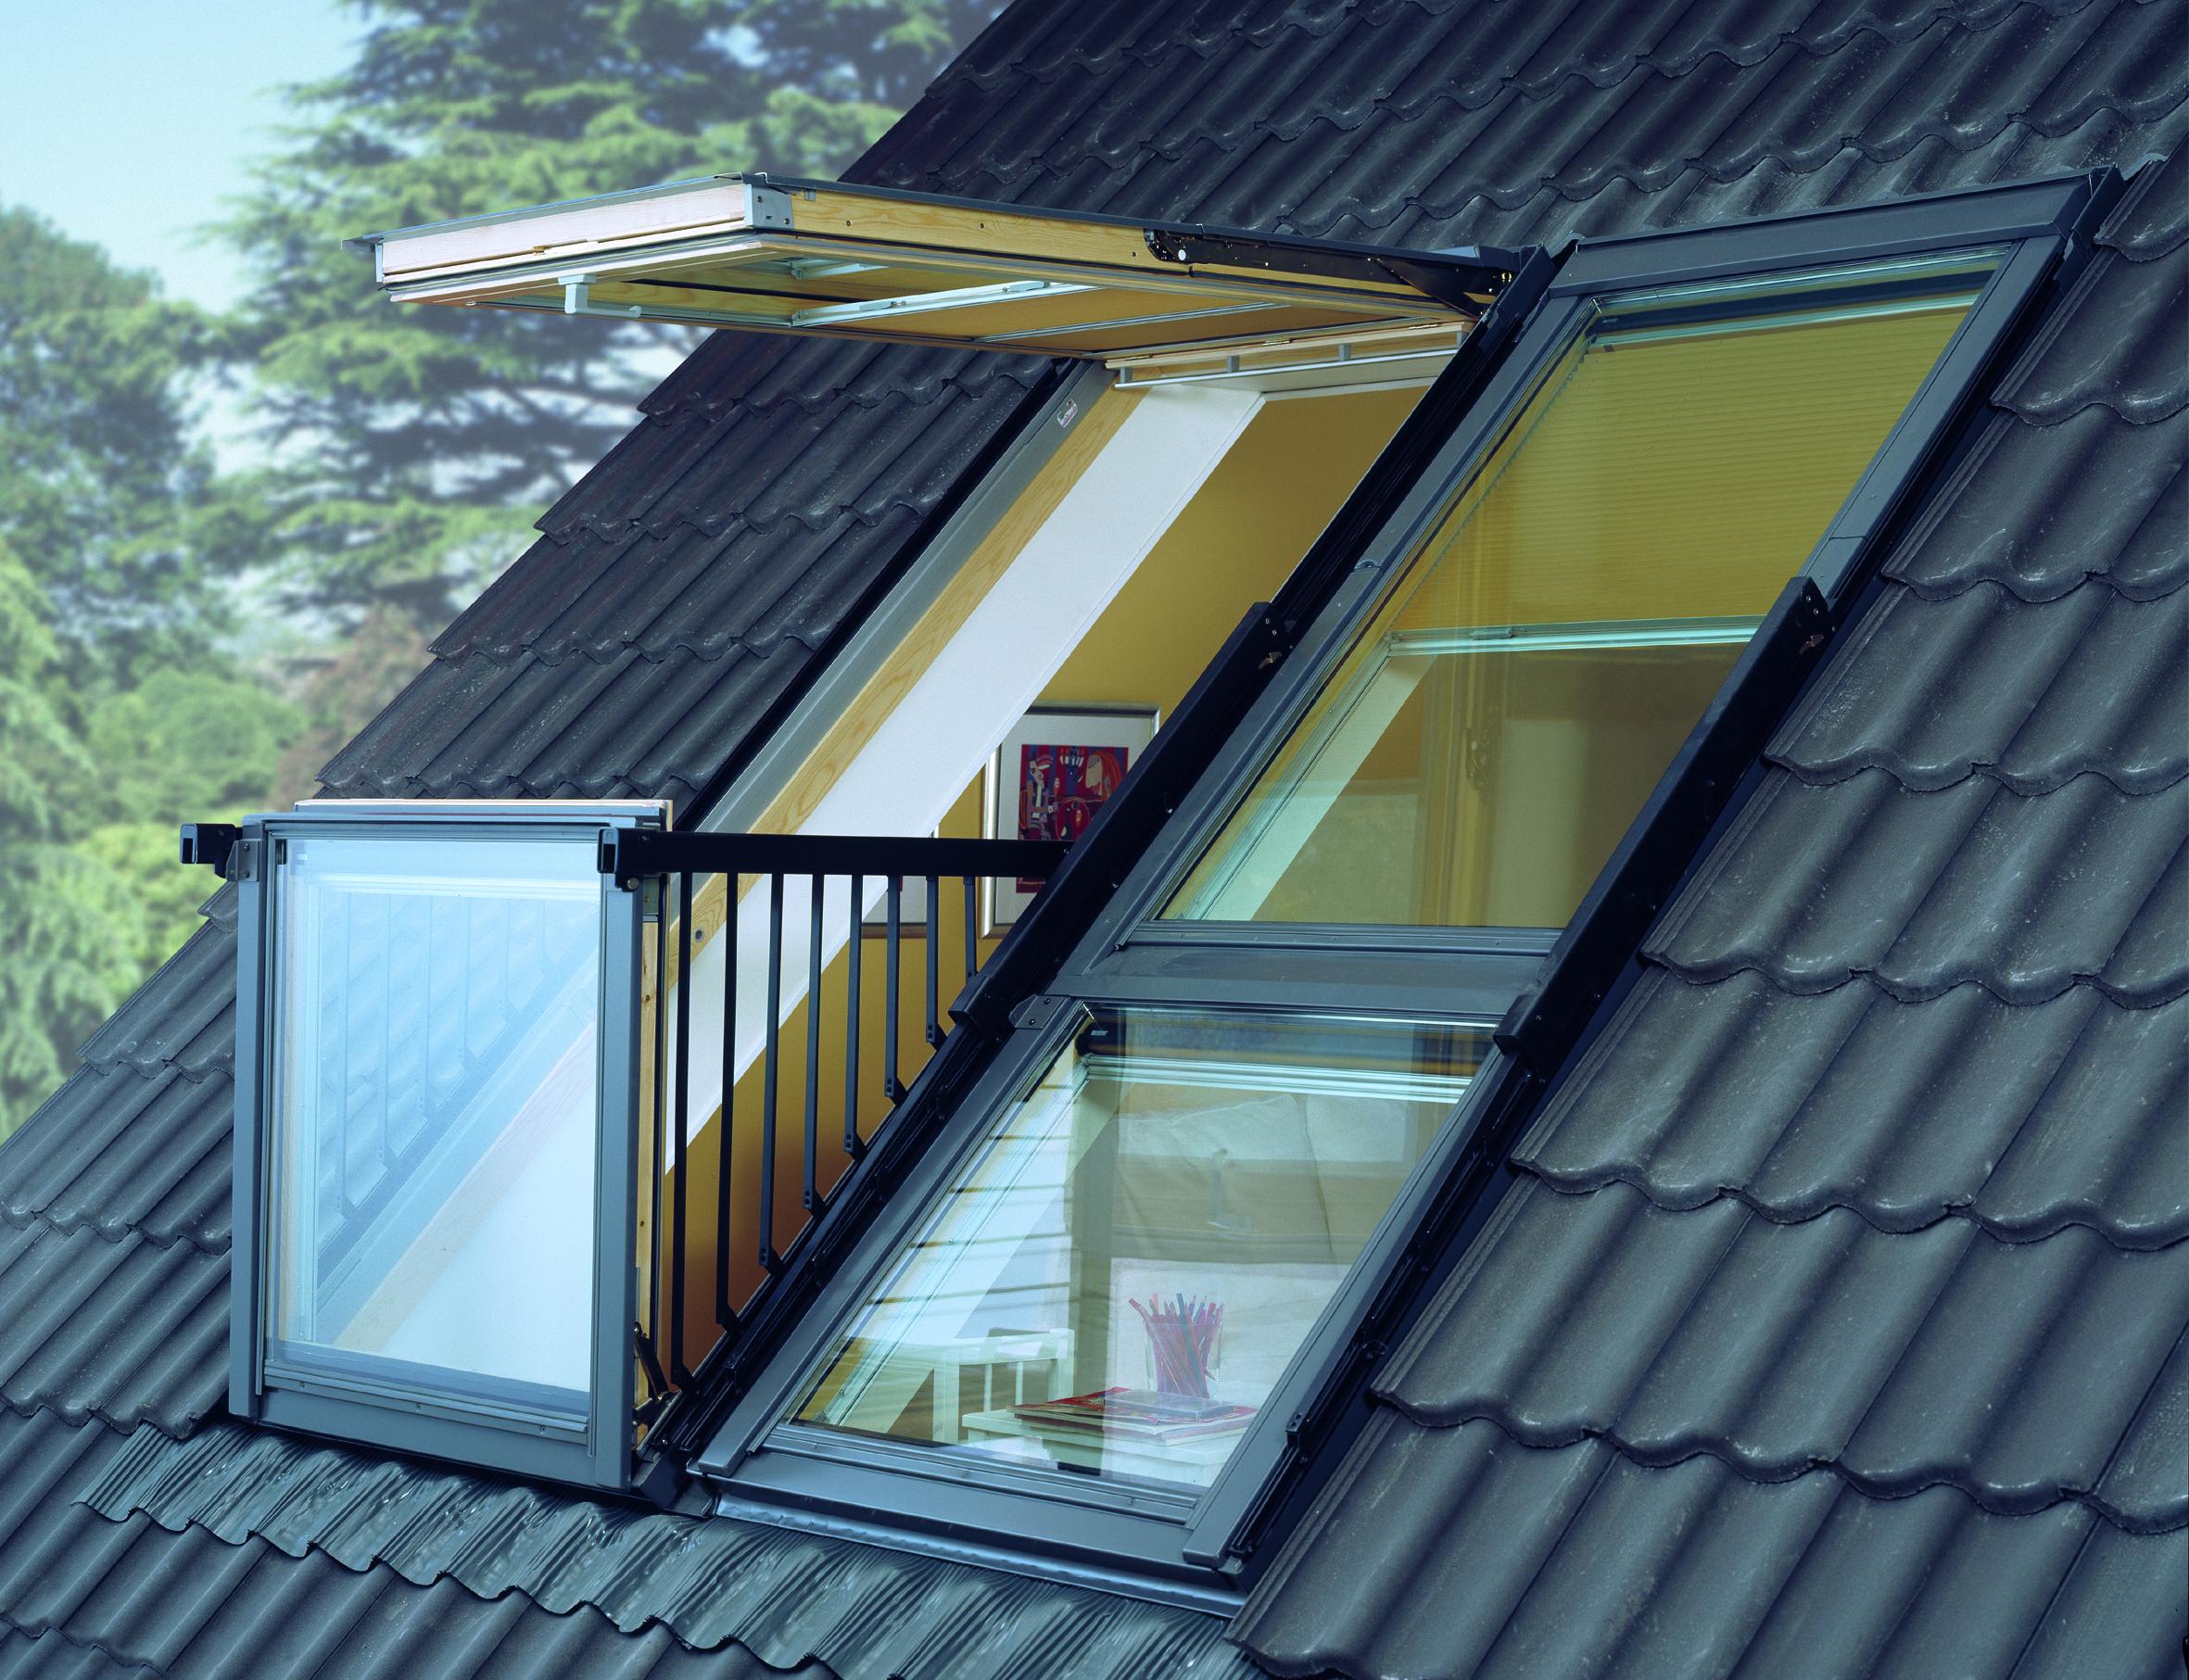 Крыша балкона с люком. - галерея работ остекление - каталог .